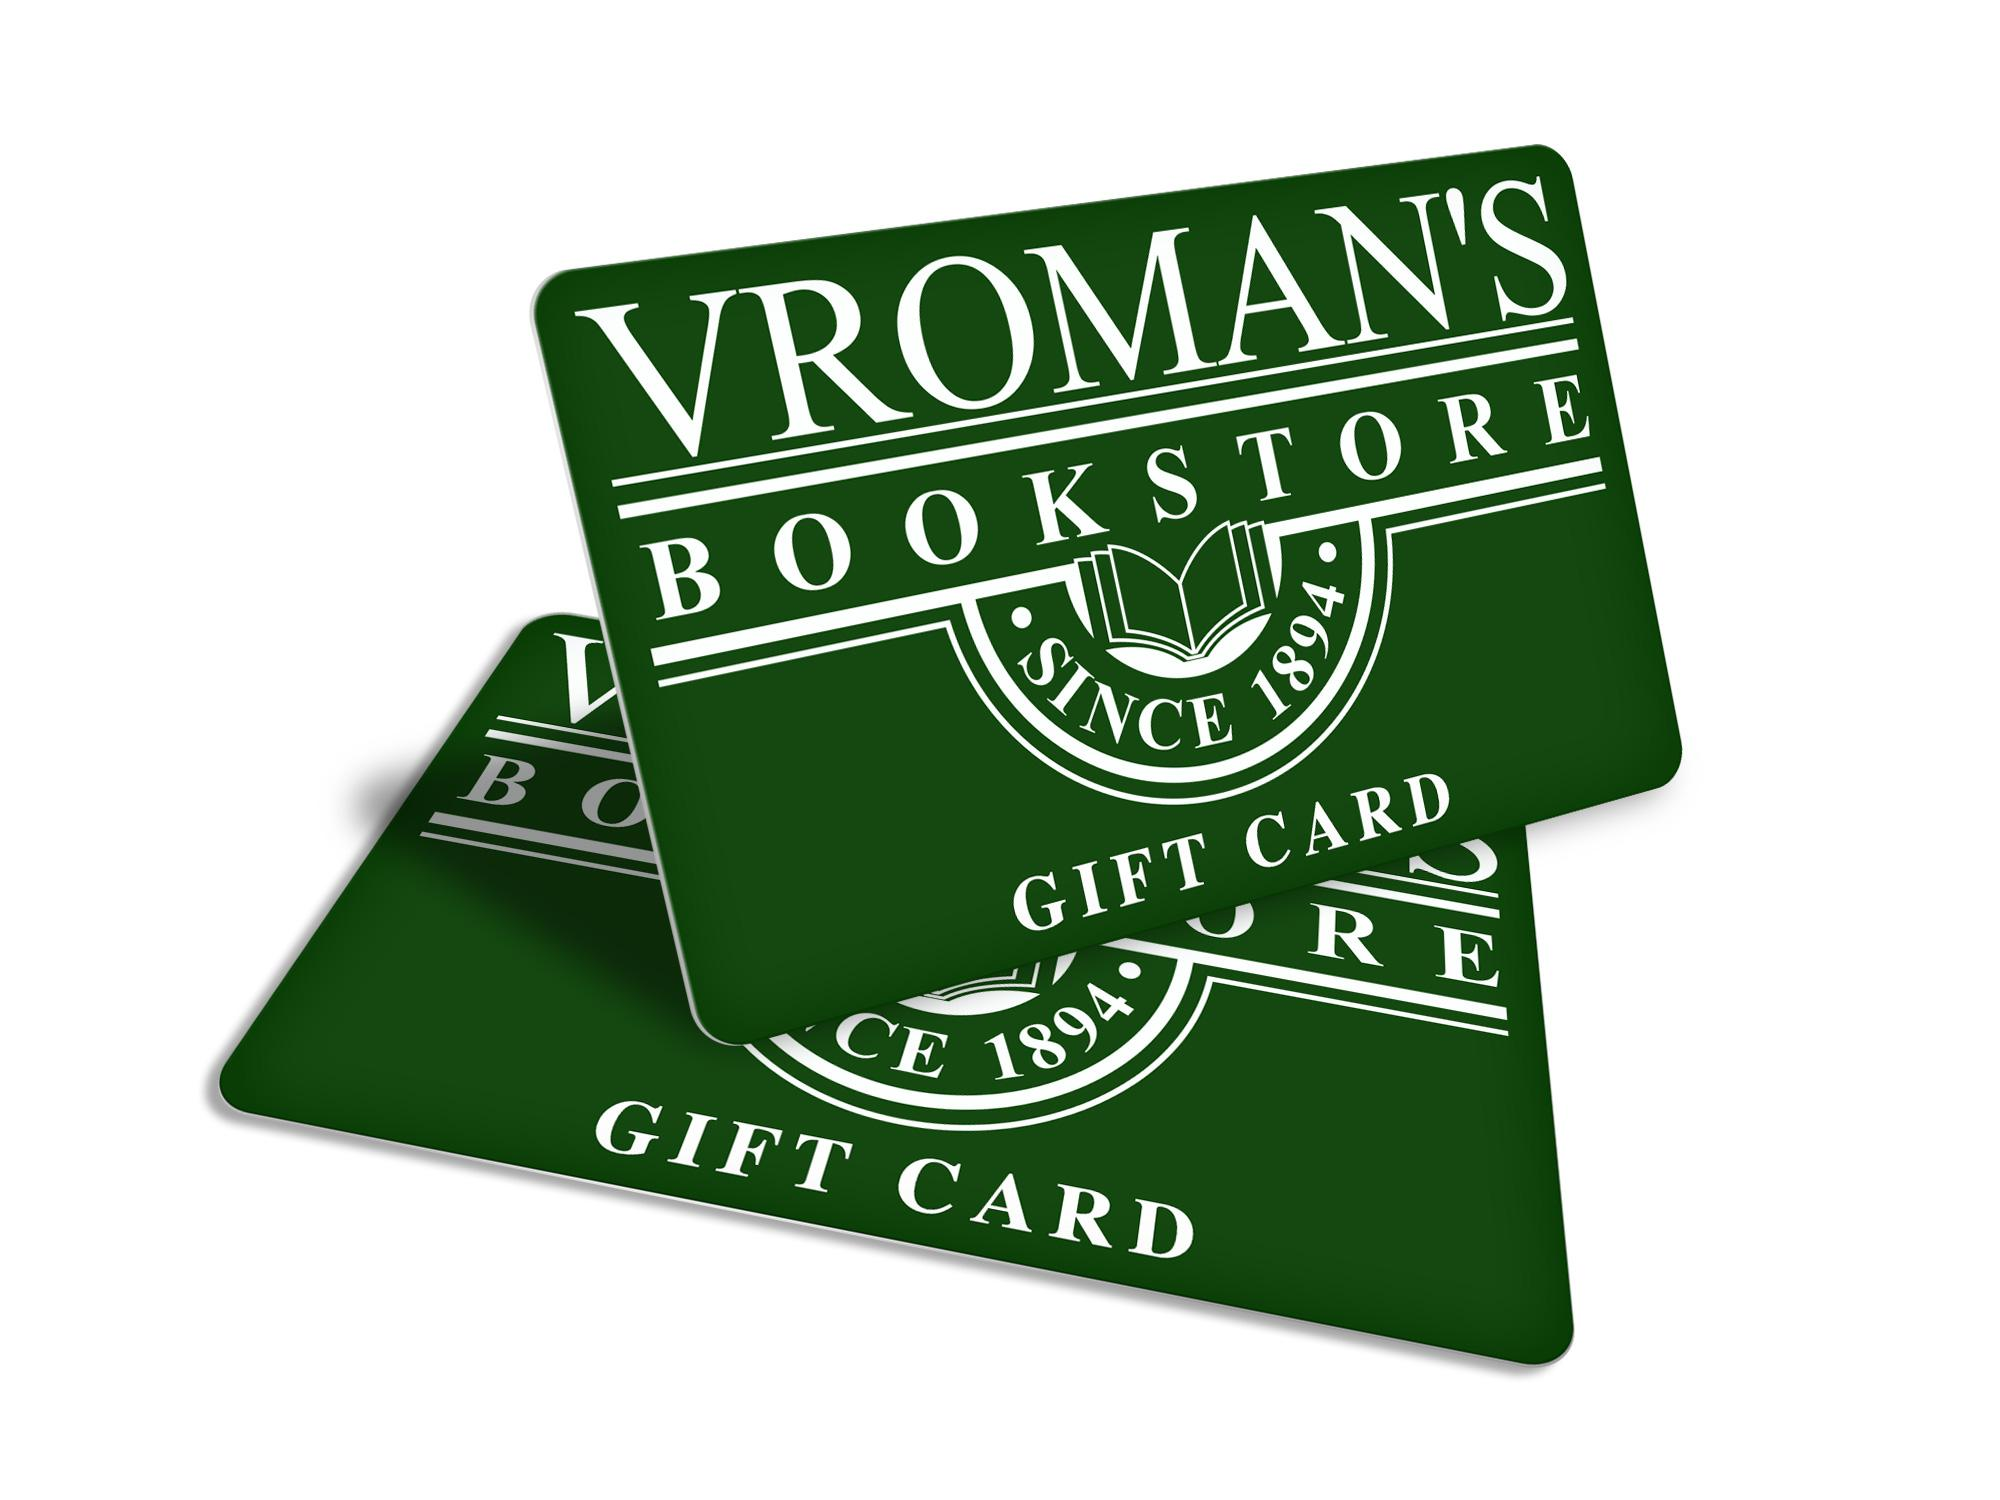 Vromans Gift Card Vromans Bookstore